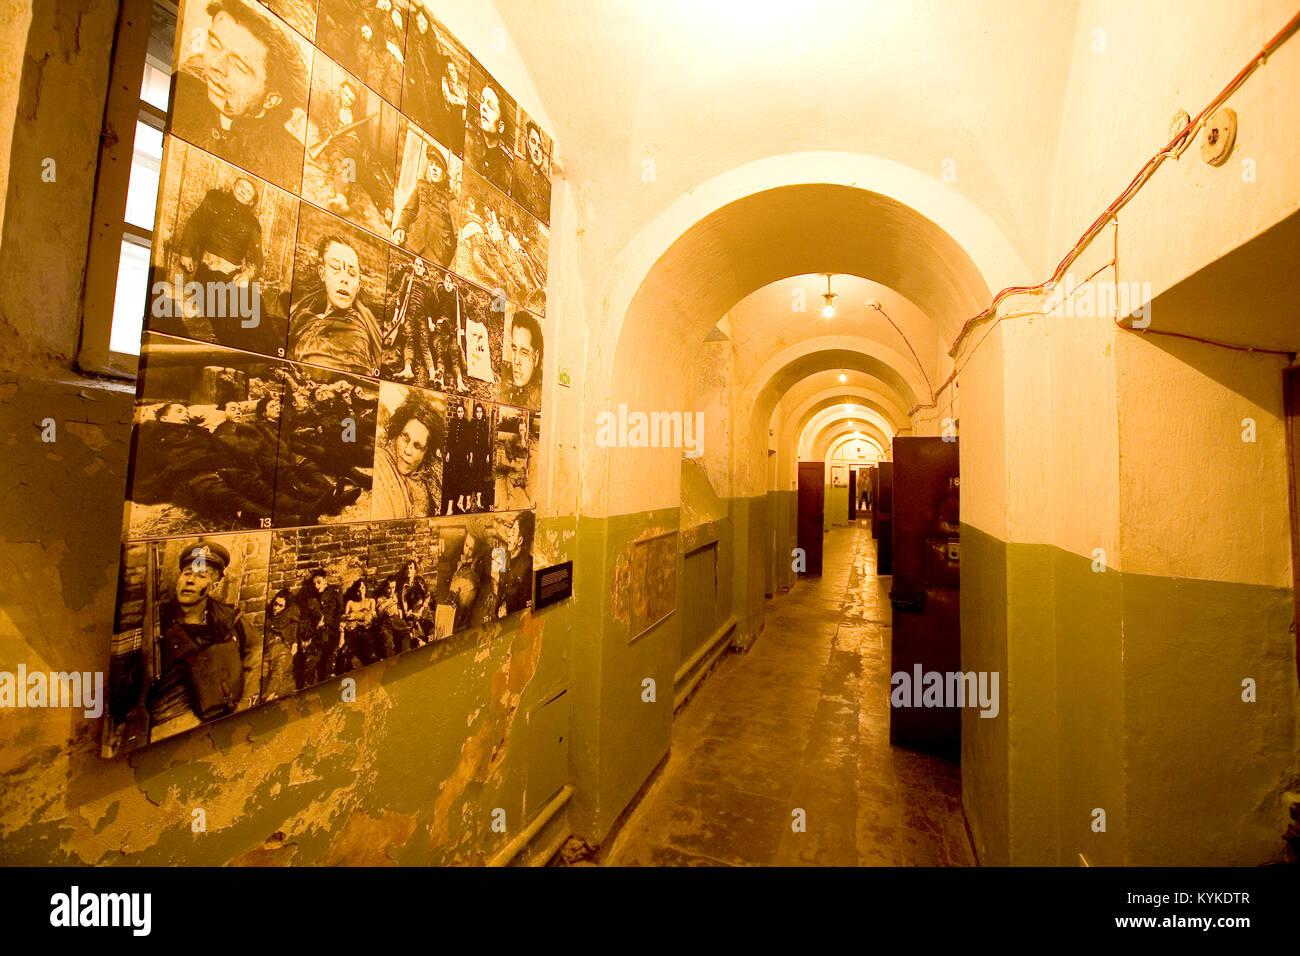 Place Lukiskiu, l'ancien immeuble du KGB a ete converti en Genocido Auku muziejus (musee des Victimes du Genocide), - Stock Image